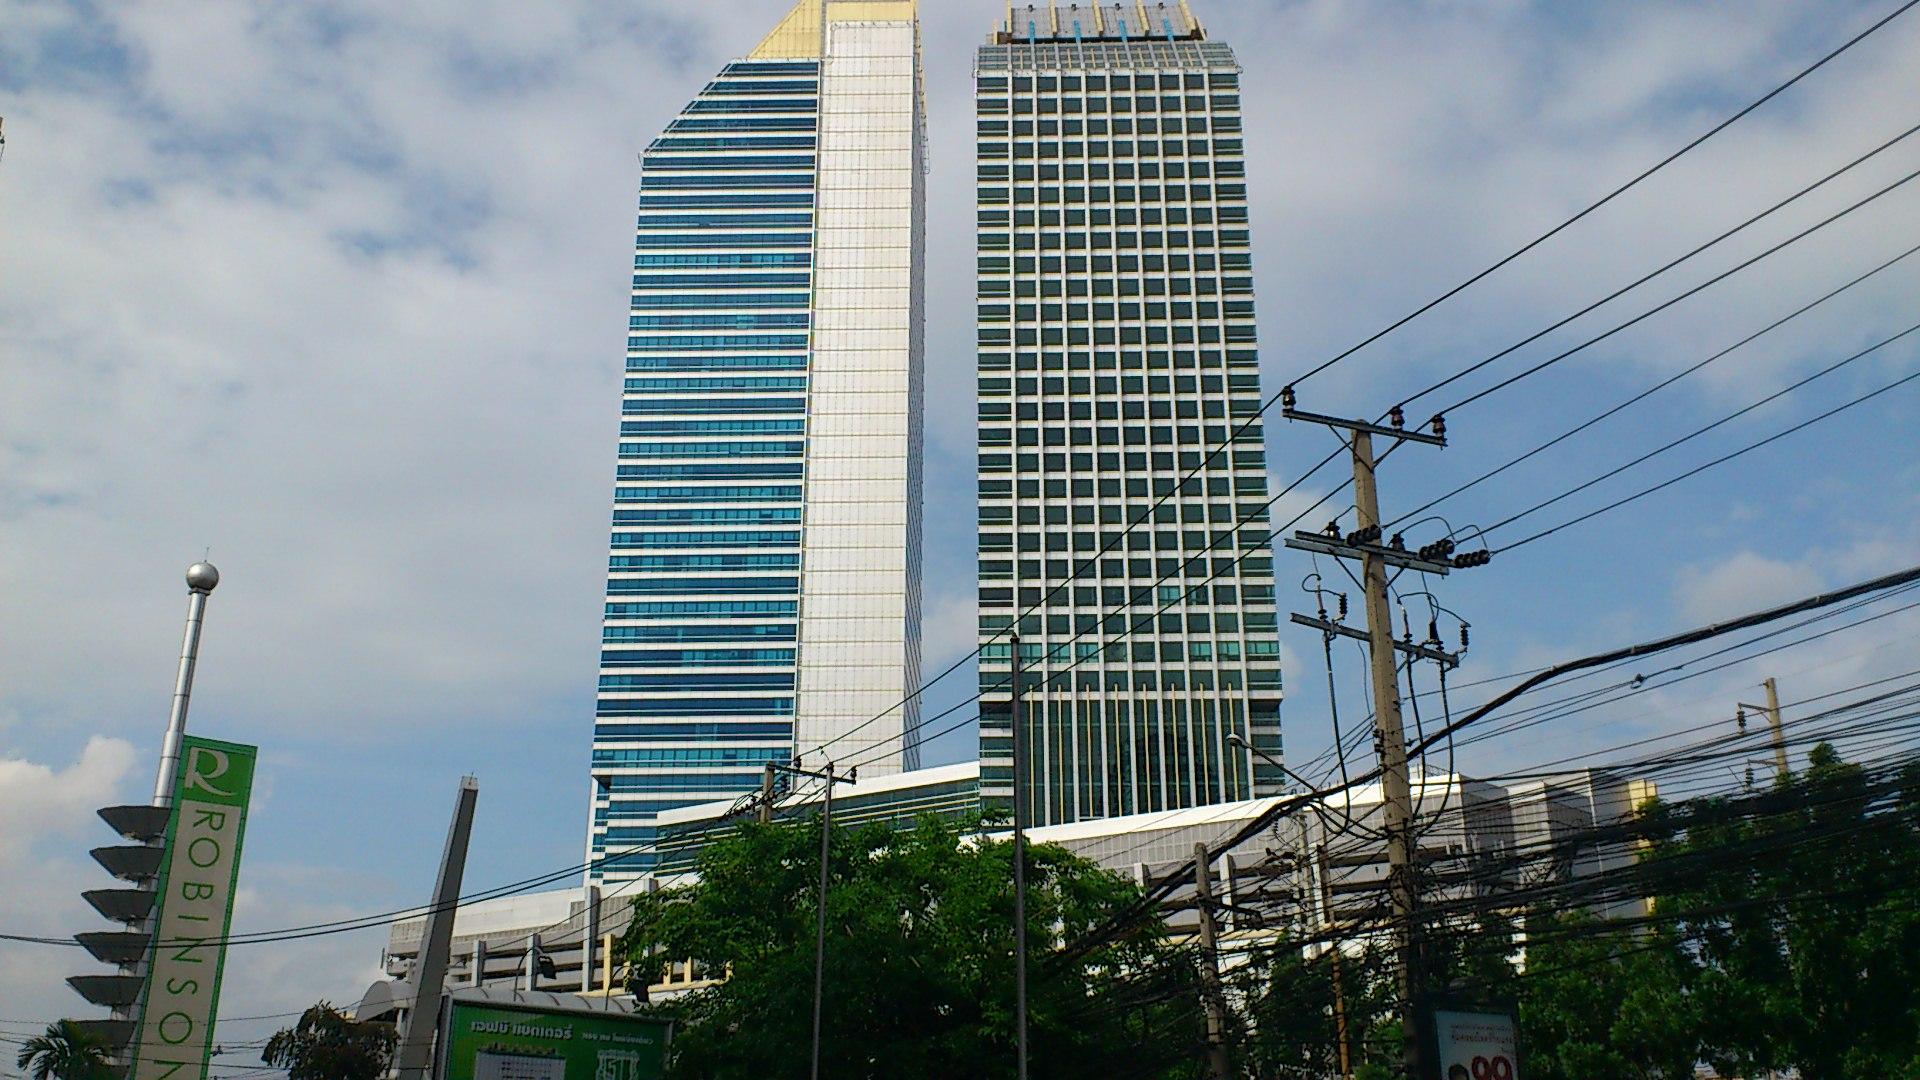 文化センター周辺の高層ビル